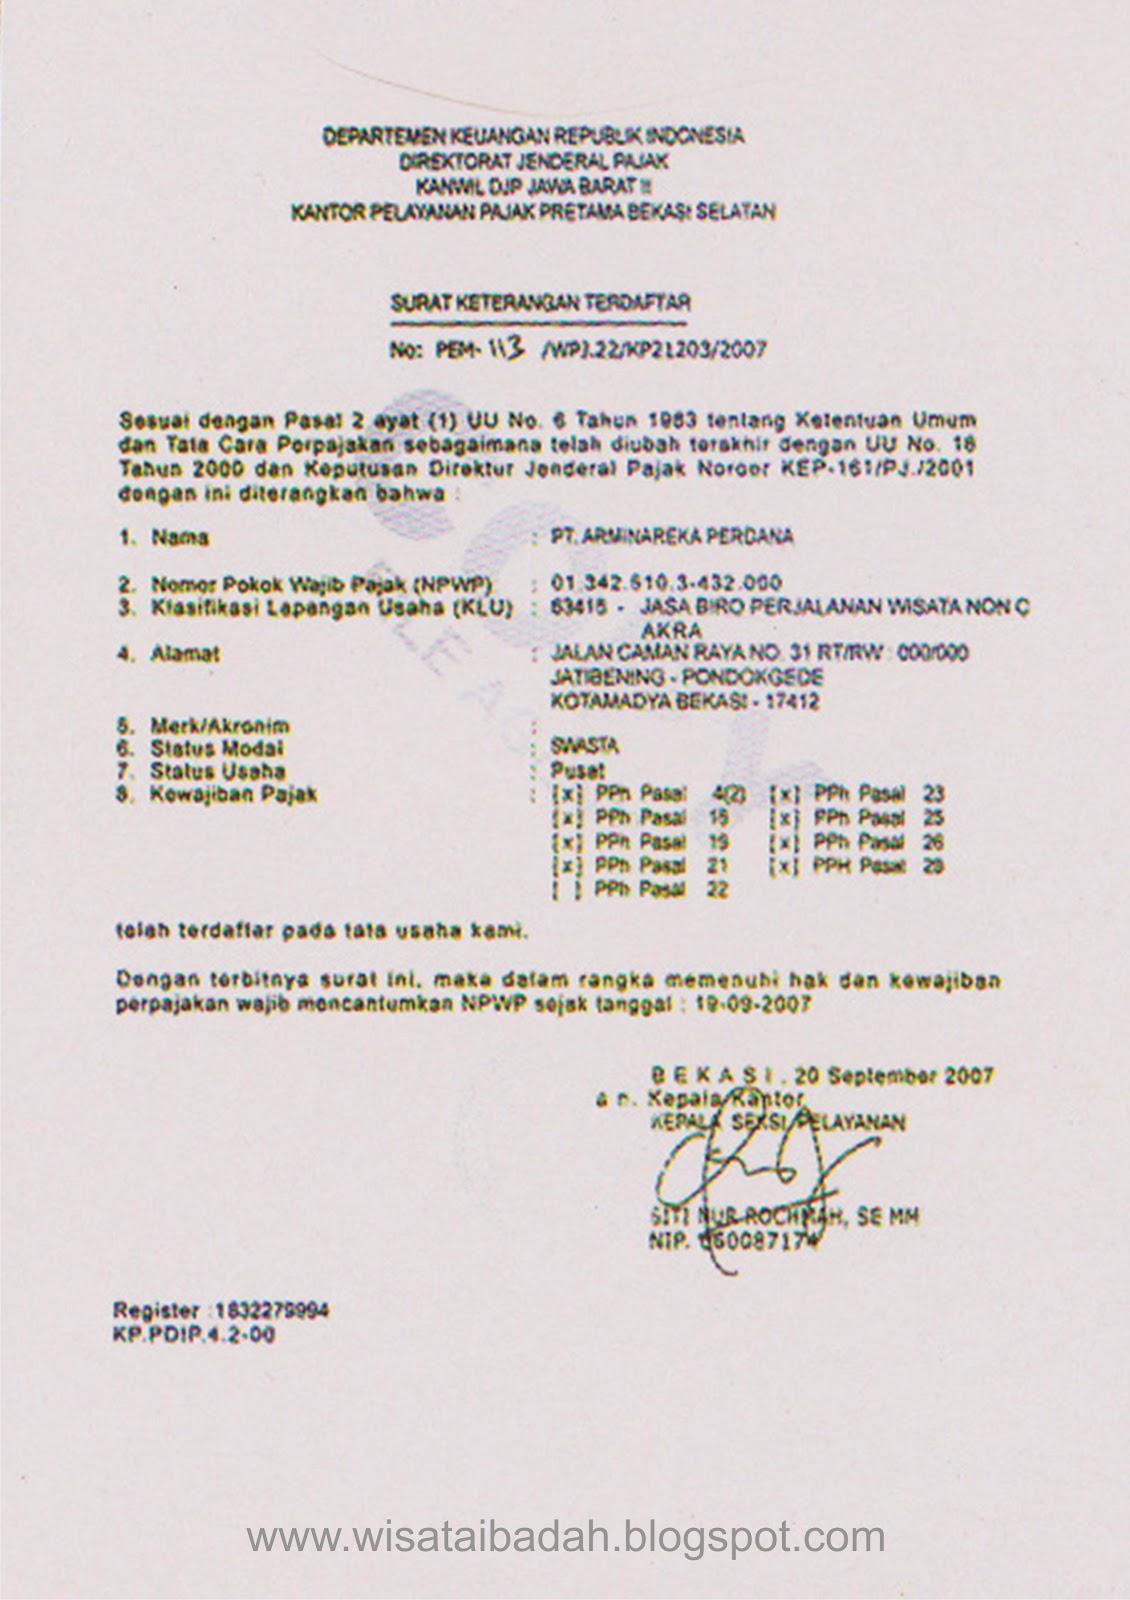 Surat keterangan terdaftar sebagai wajib pajak